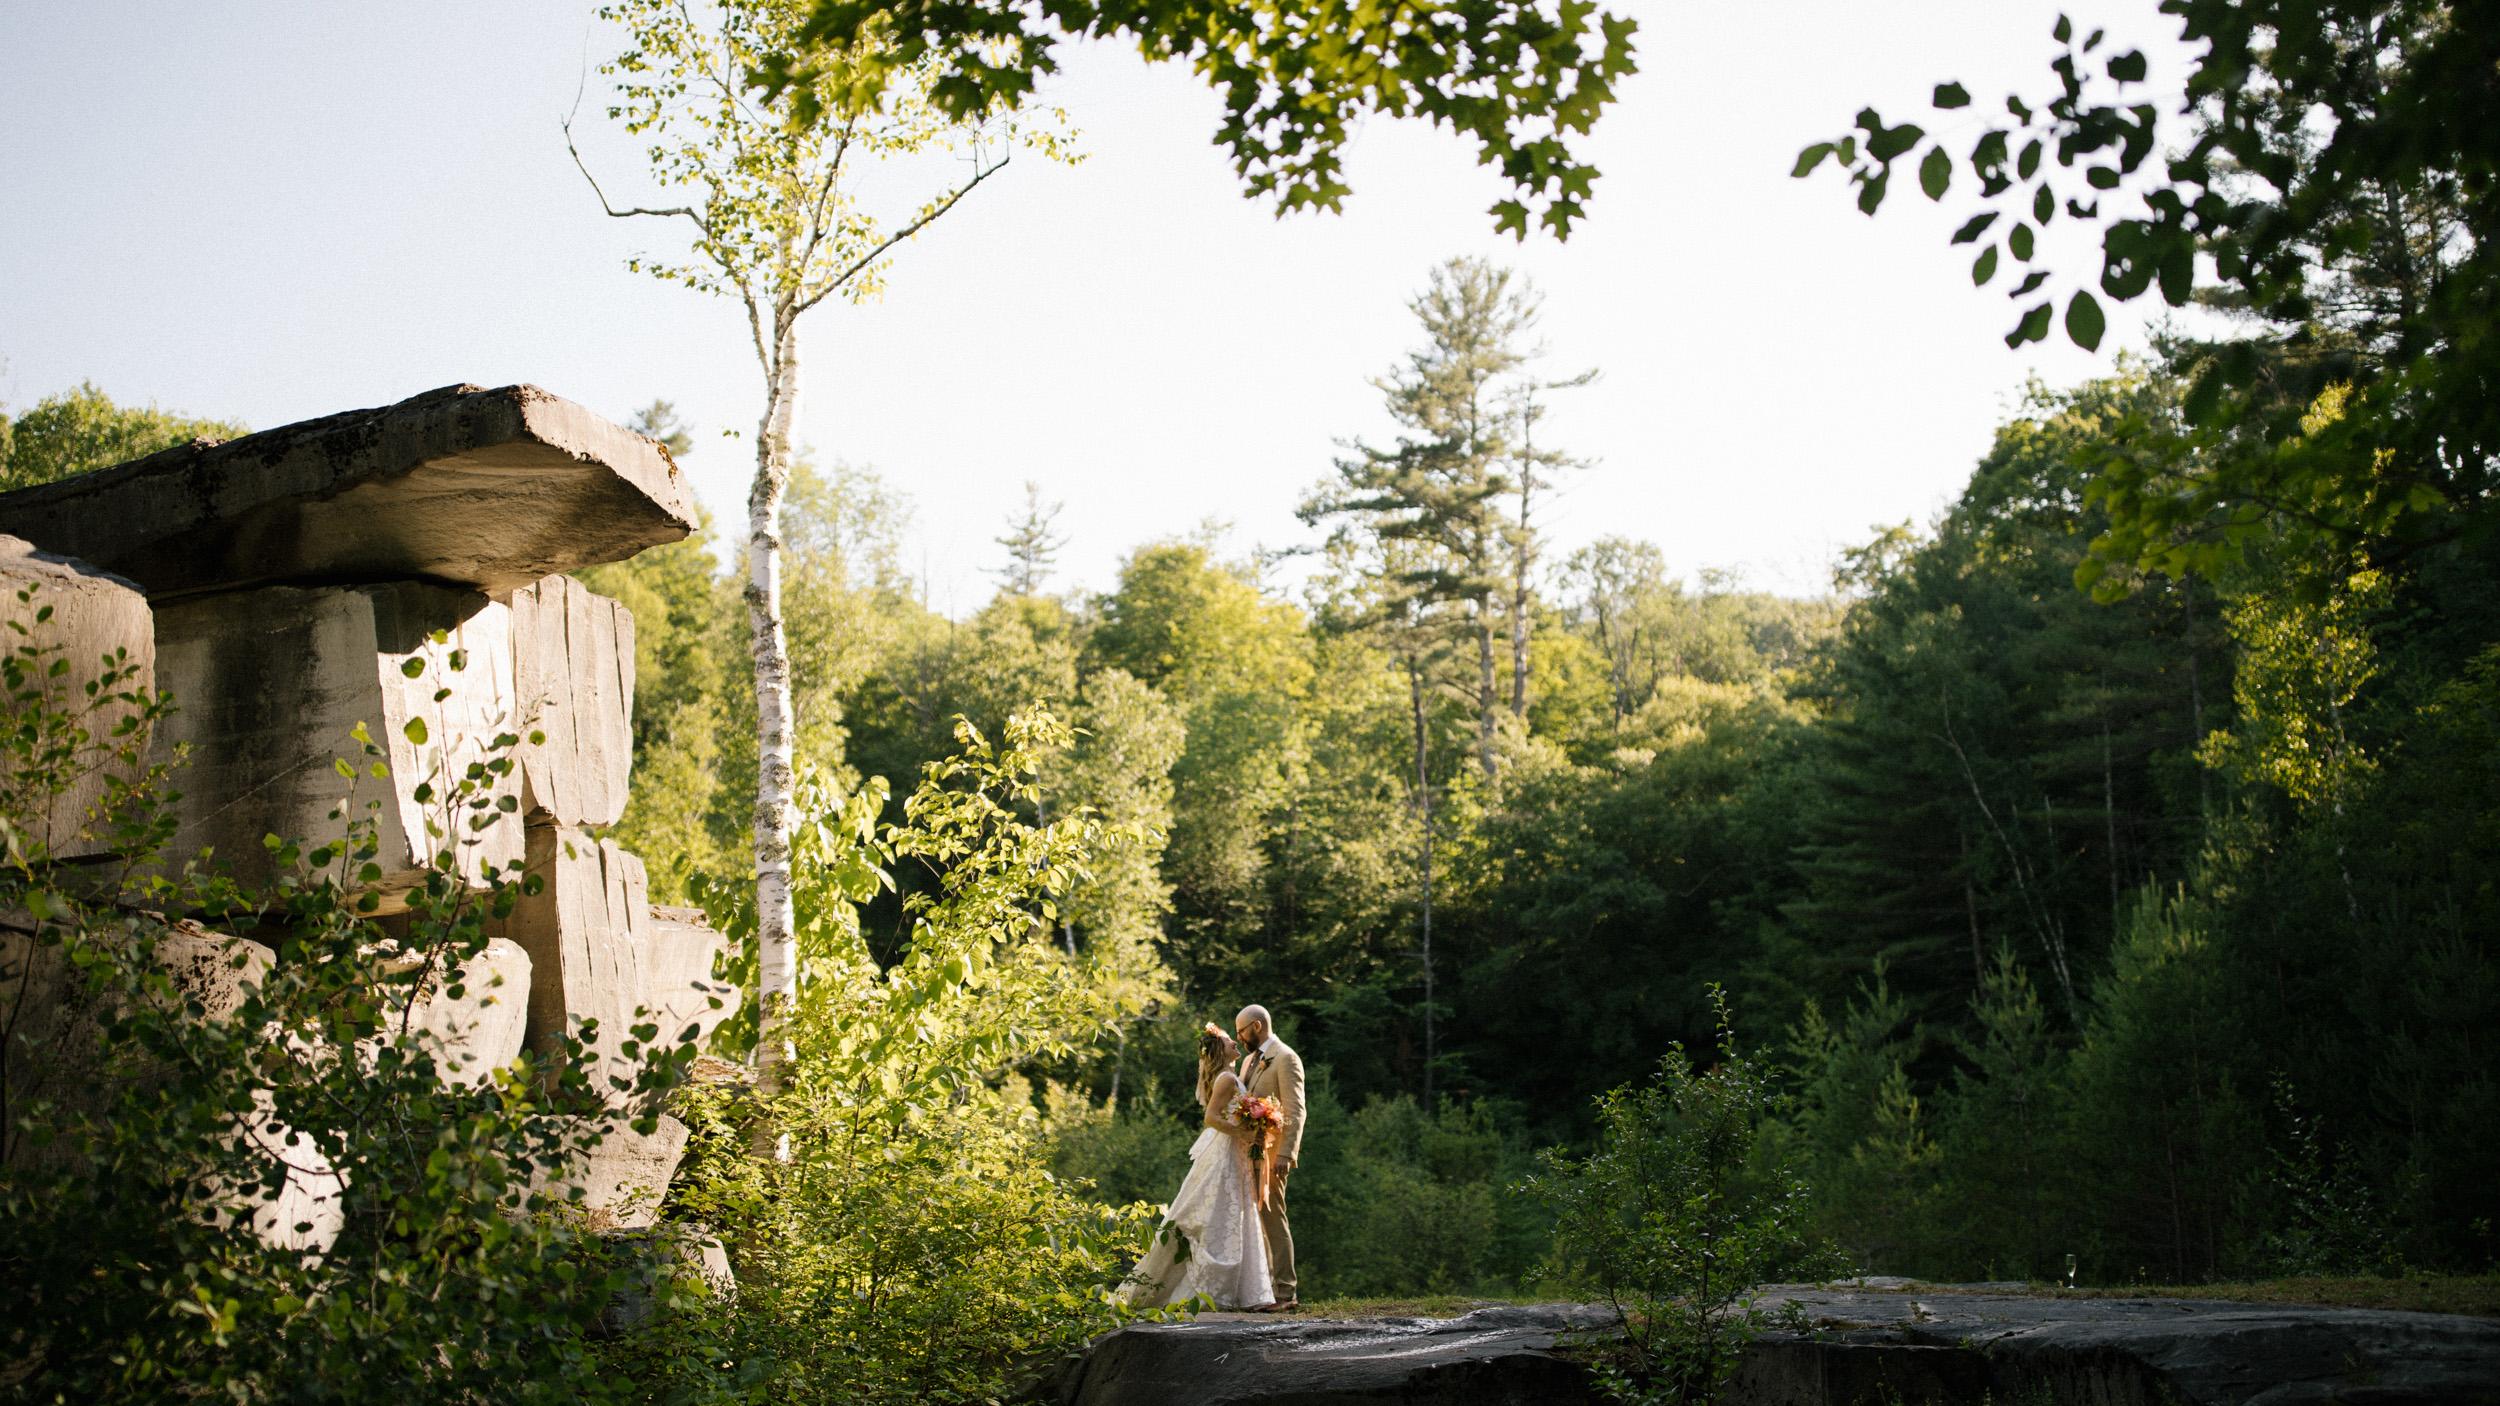 alec_vanderboom_vermont_wedding_photography-0089.jpg